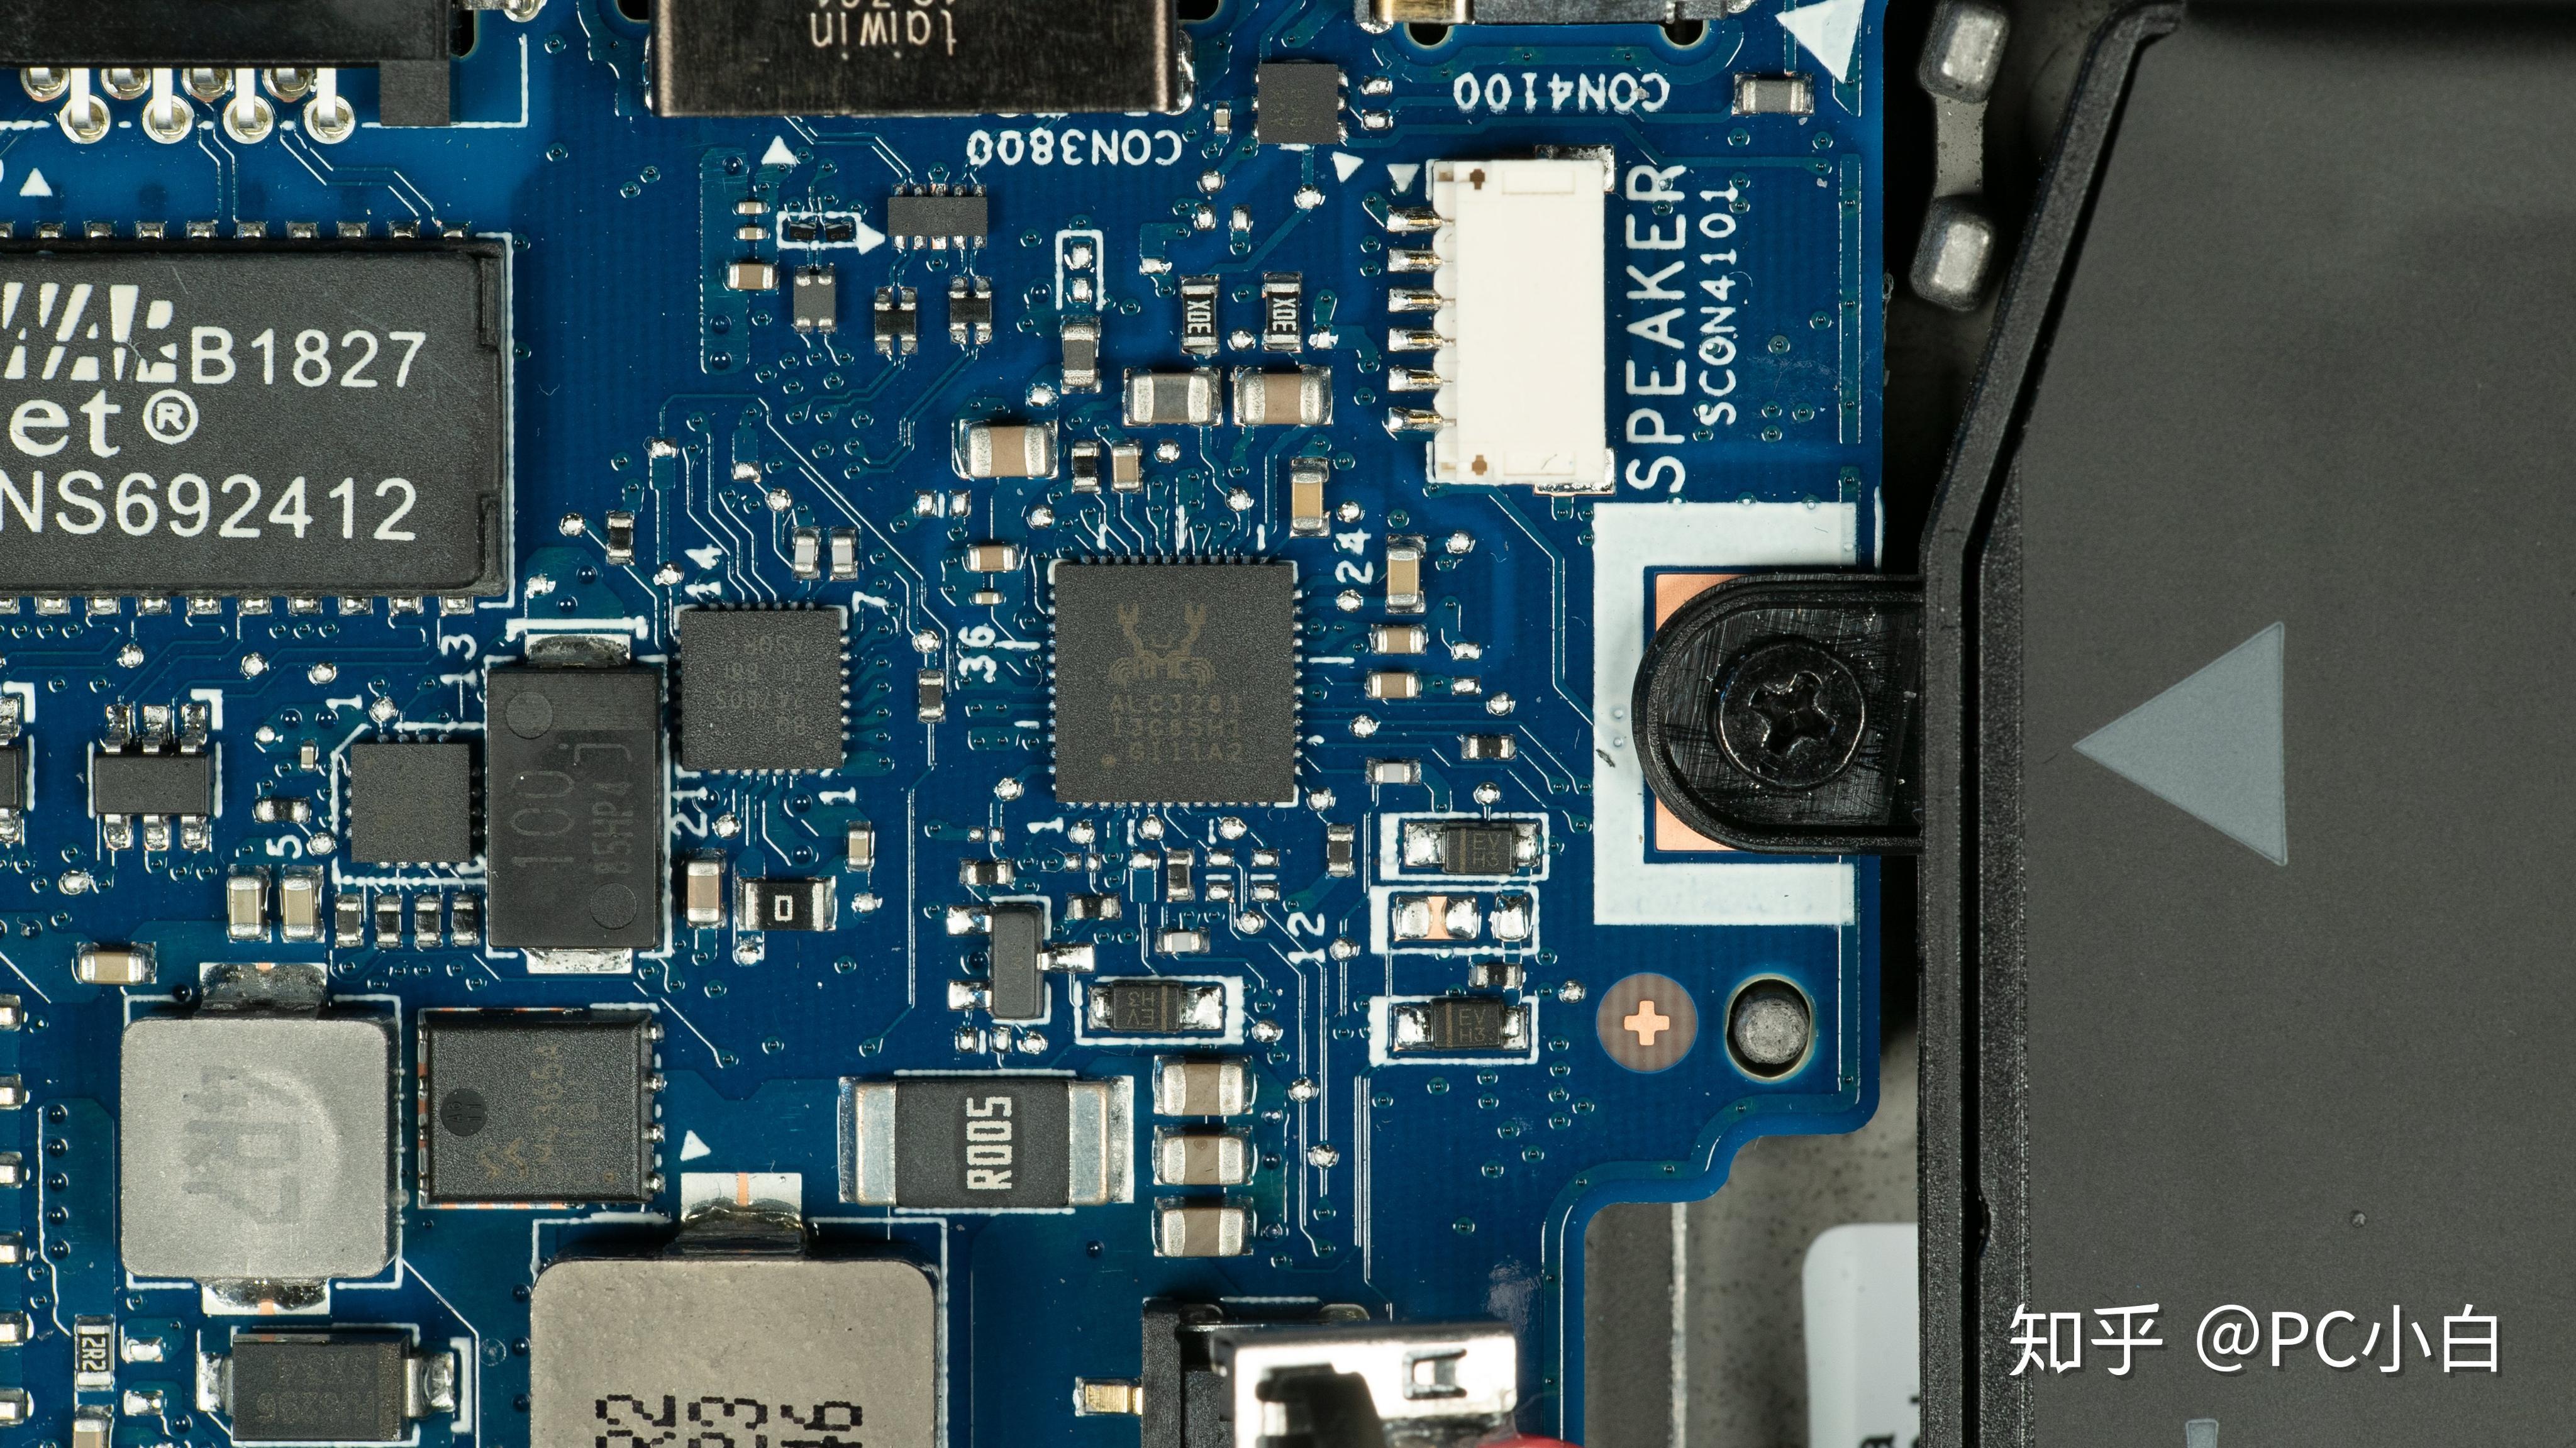 """最大容量的网络硬盘_""""薄得不像实力派""""——Alienware M15评测 - 知乎"""